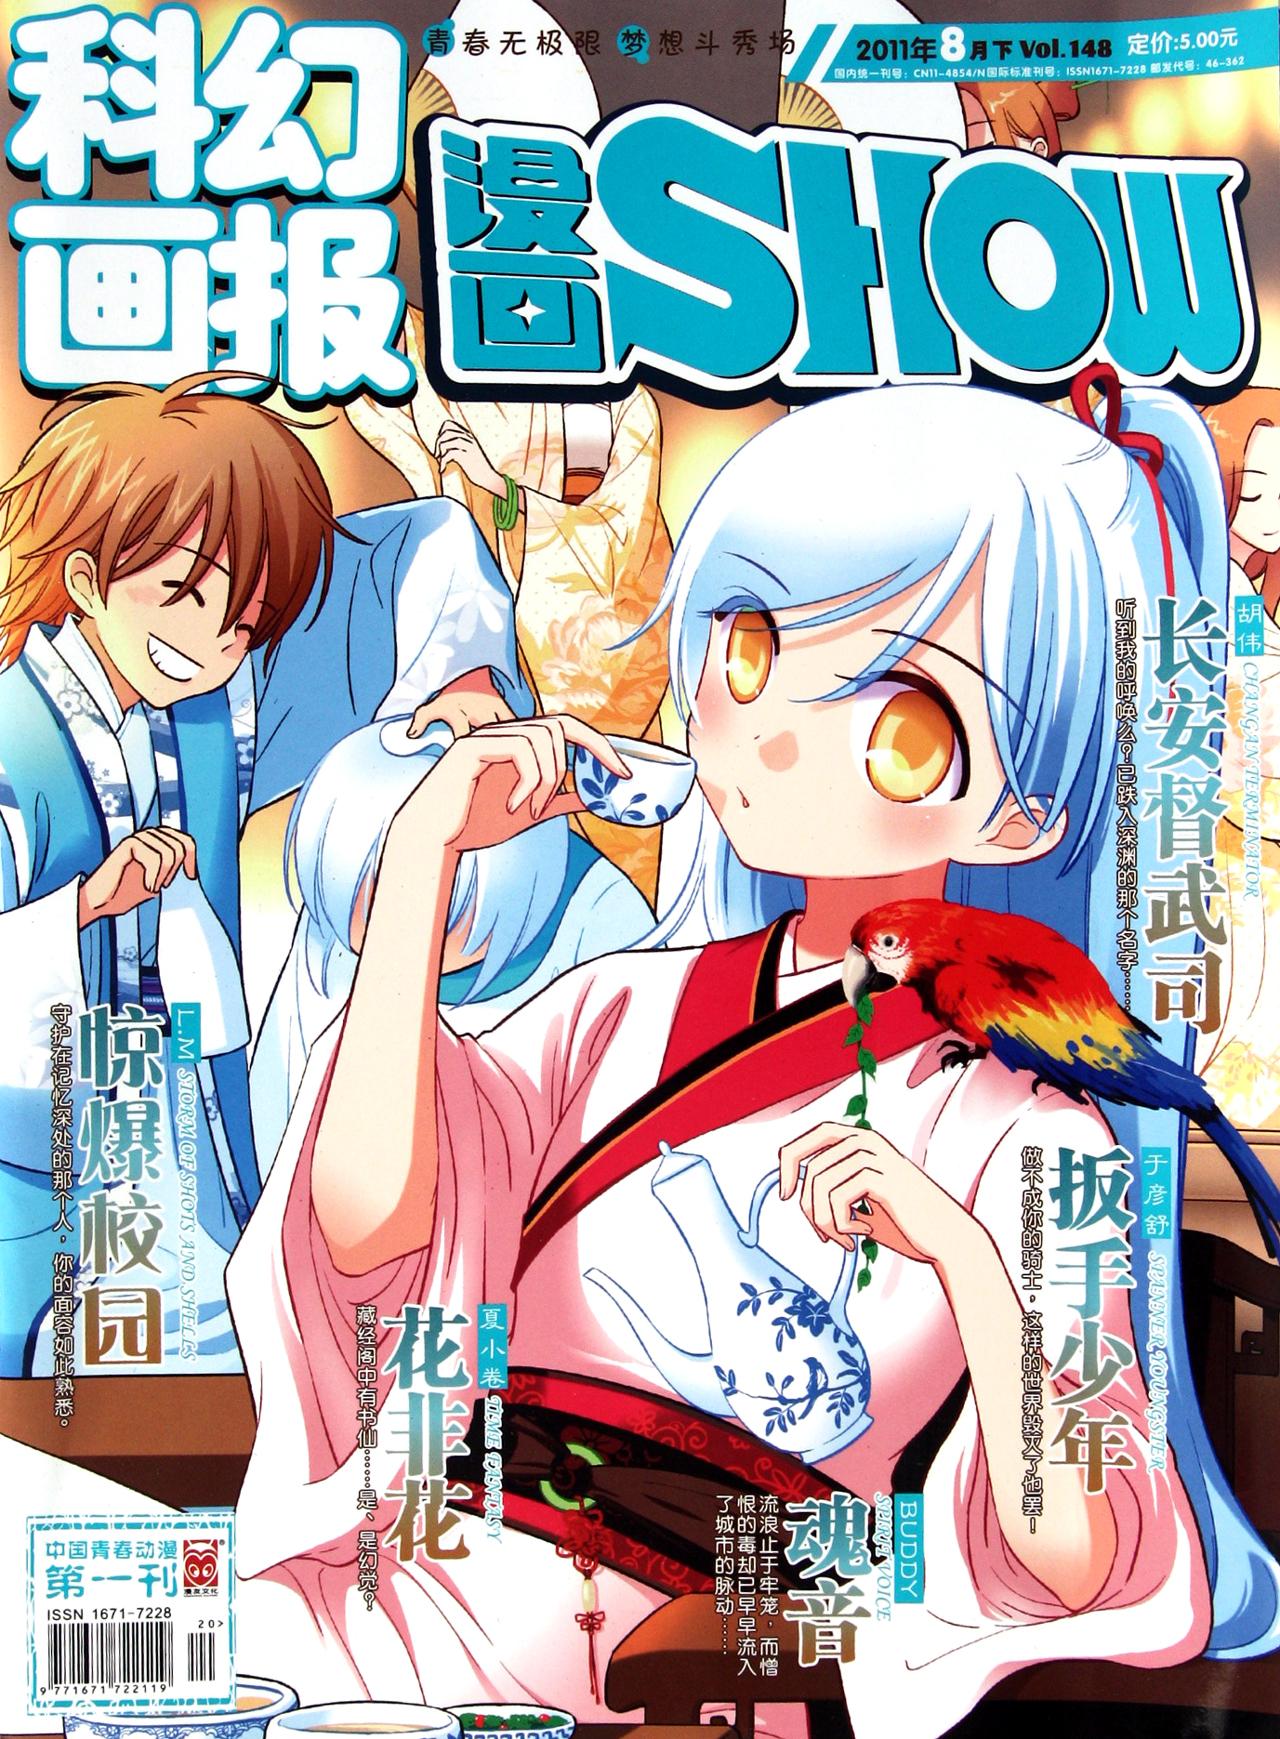 科幻画报漫画show(2011年8月下vol.148)